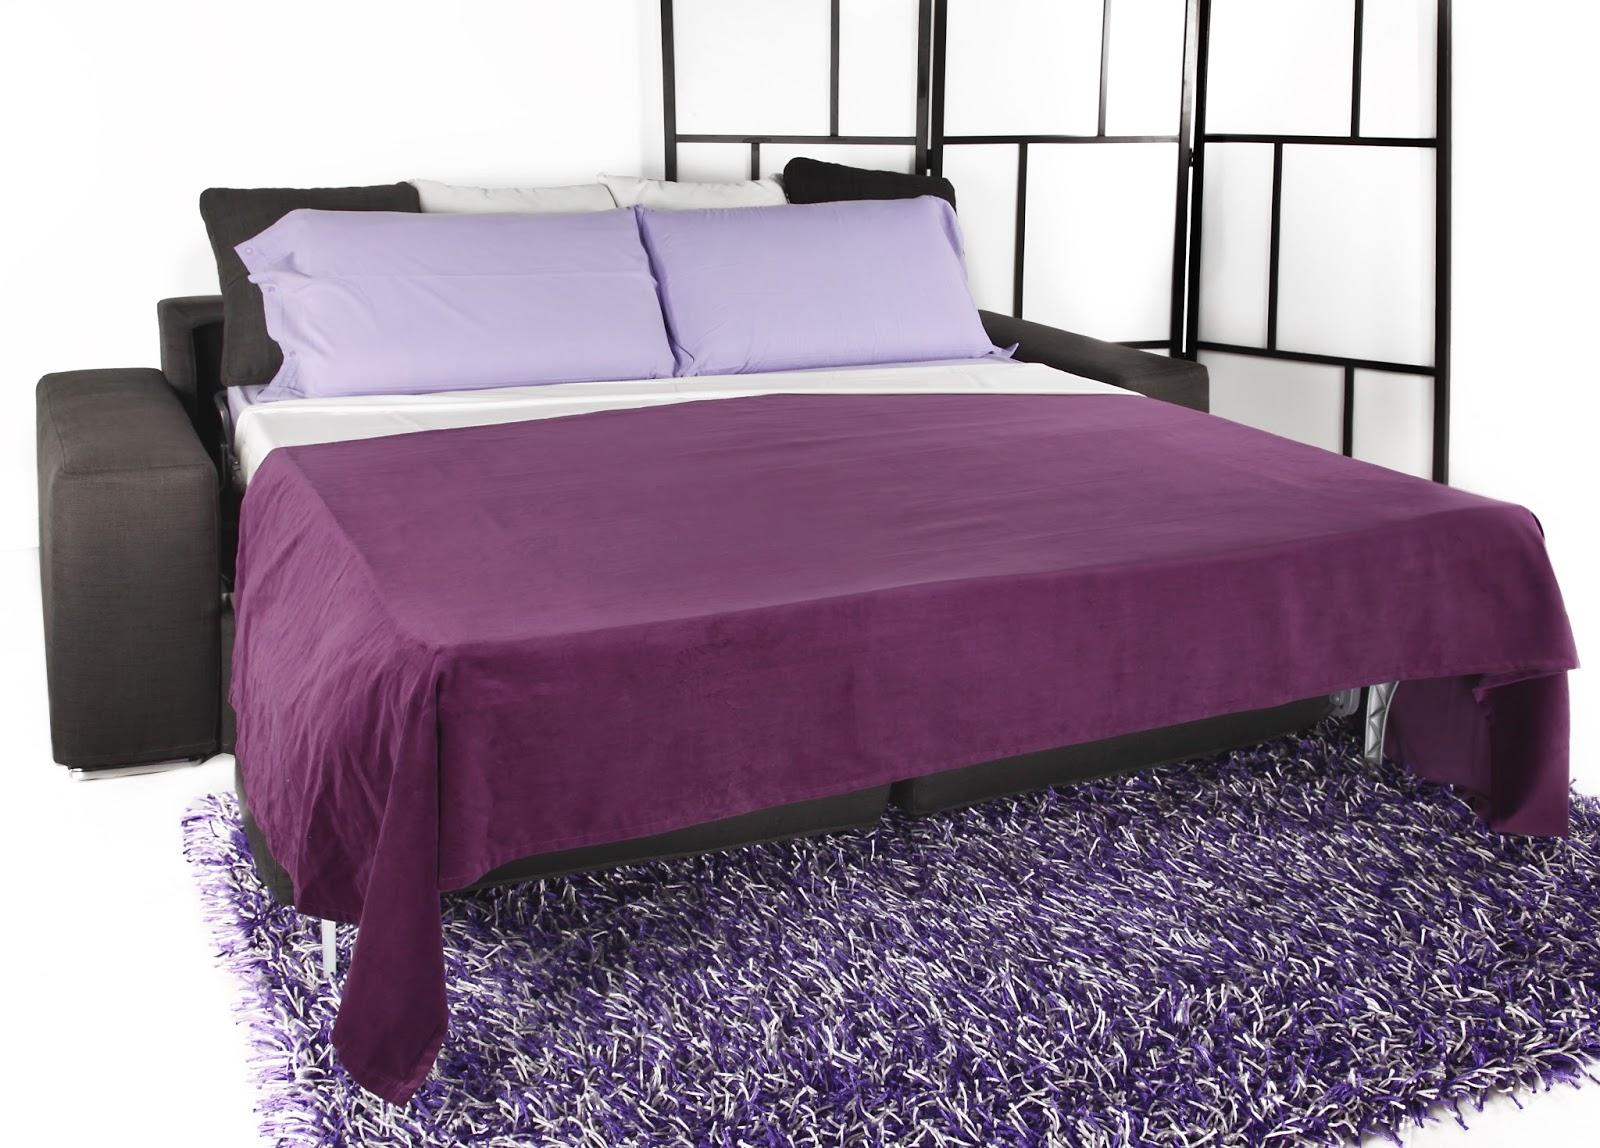 Un bel divano un comodissimo letto zeus di tino mariani tino mariani for Divani e divani divani letto